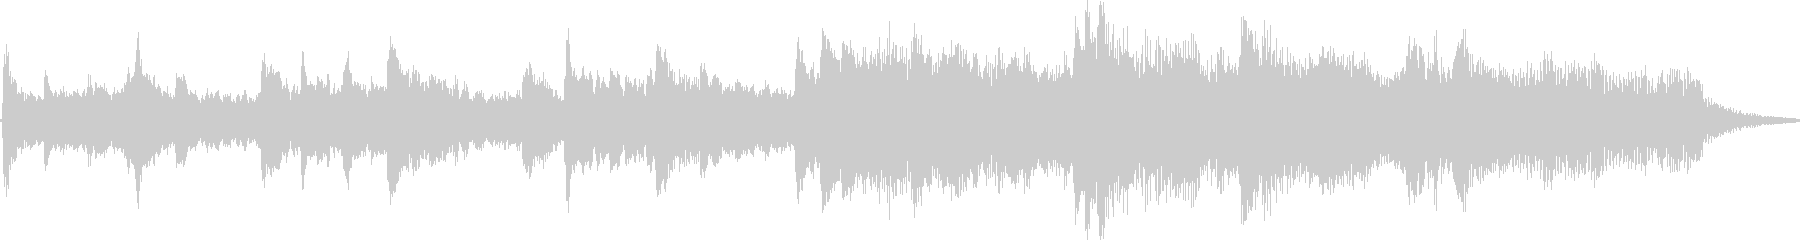 透き通ったピアノ音色が印象的なBGMの未再生の波形